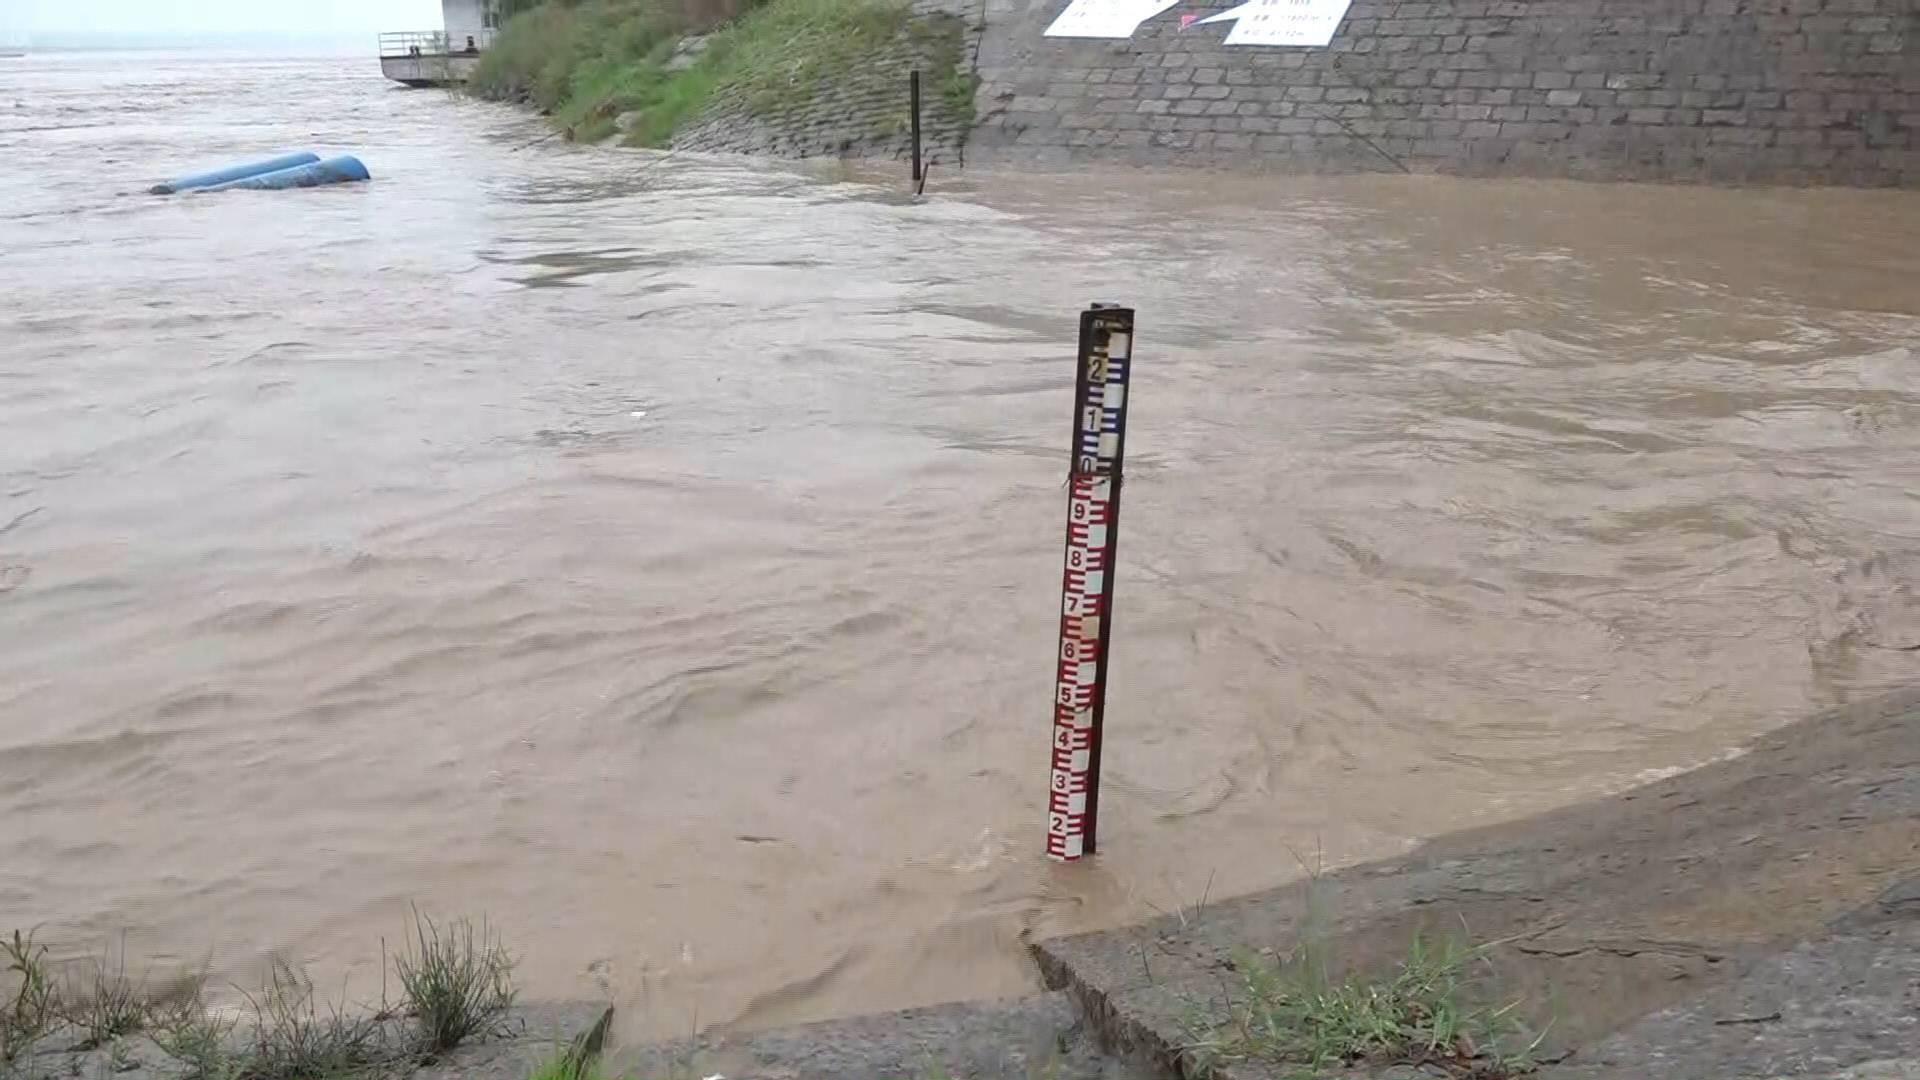 Ⅲ级应急响应!黄河东明段流量每秒达到3750立方米 预计今晚迎来最大洪峰